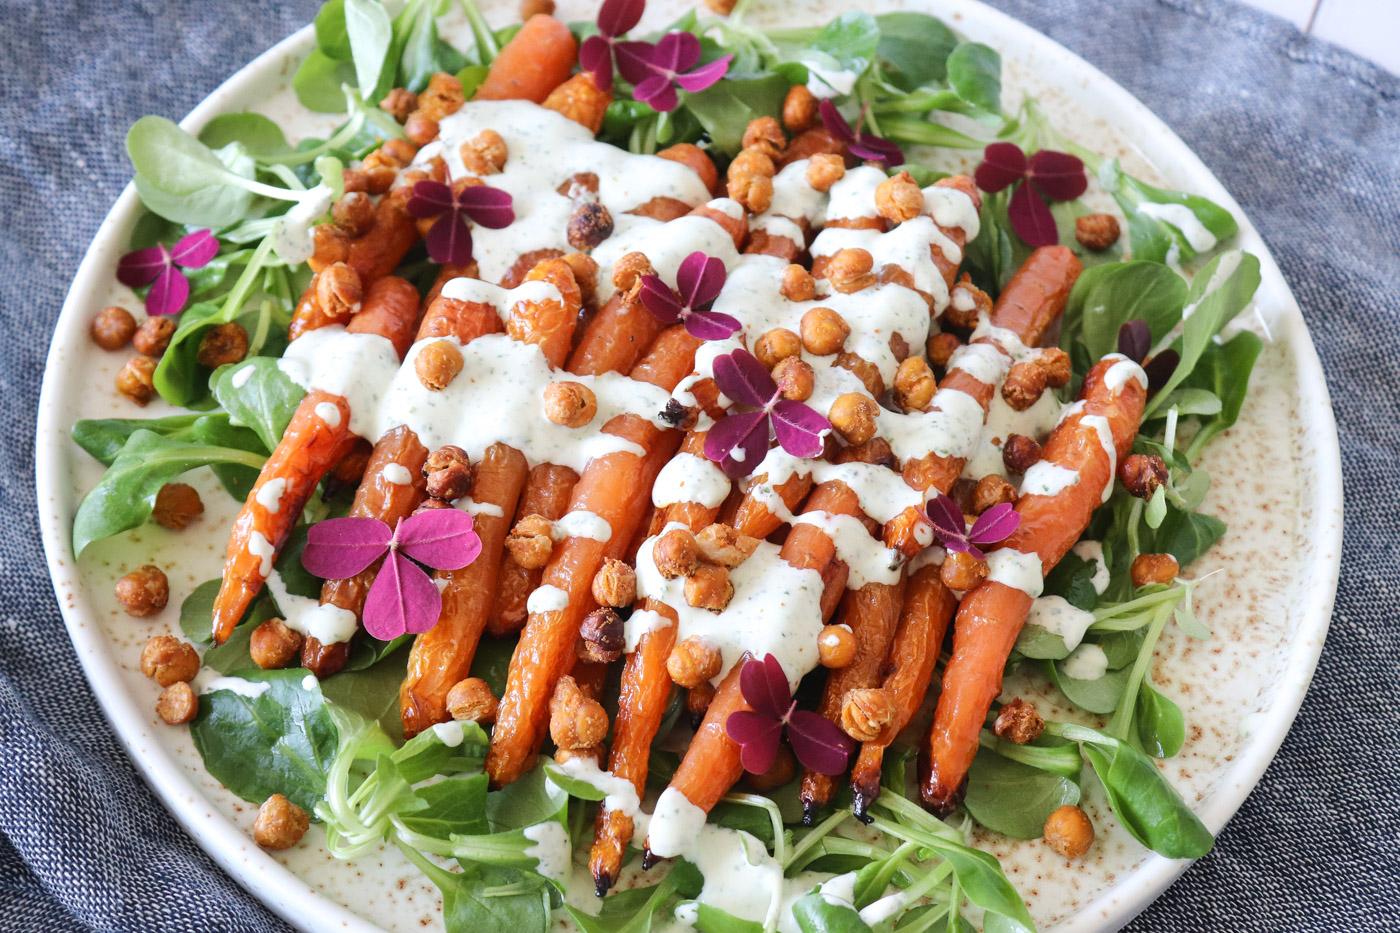 Laekker Salat Med Ovnbagte Gulerodder Ristede Kikaerter Og Persilledressing